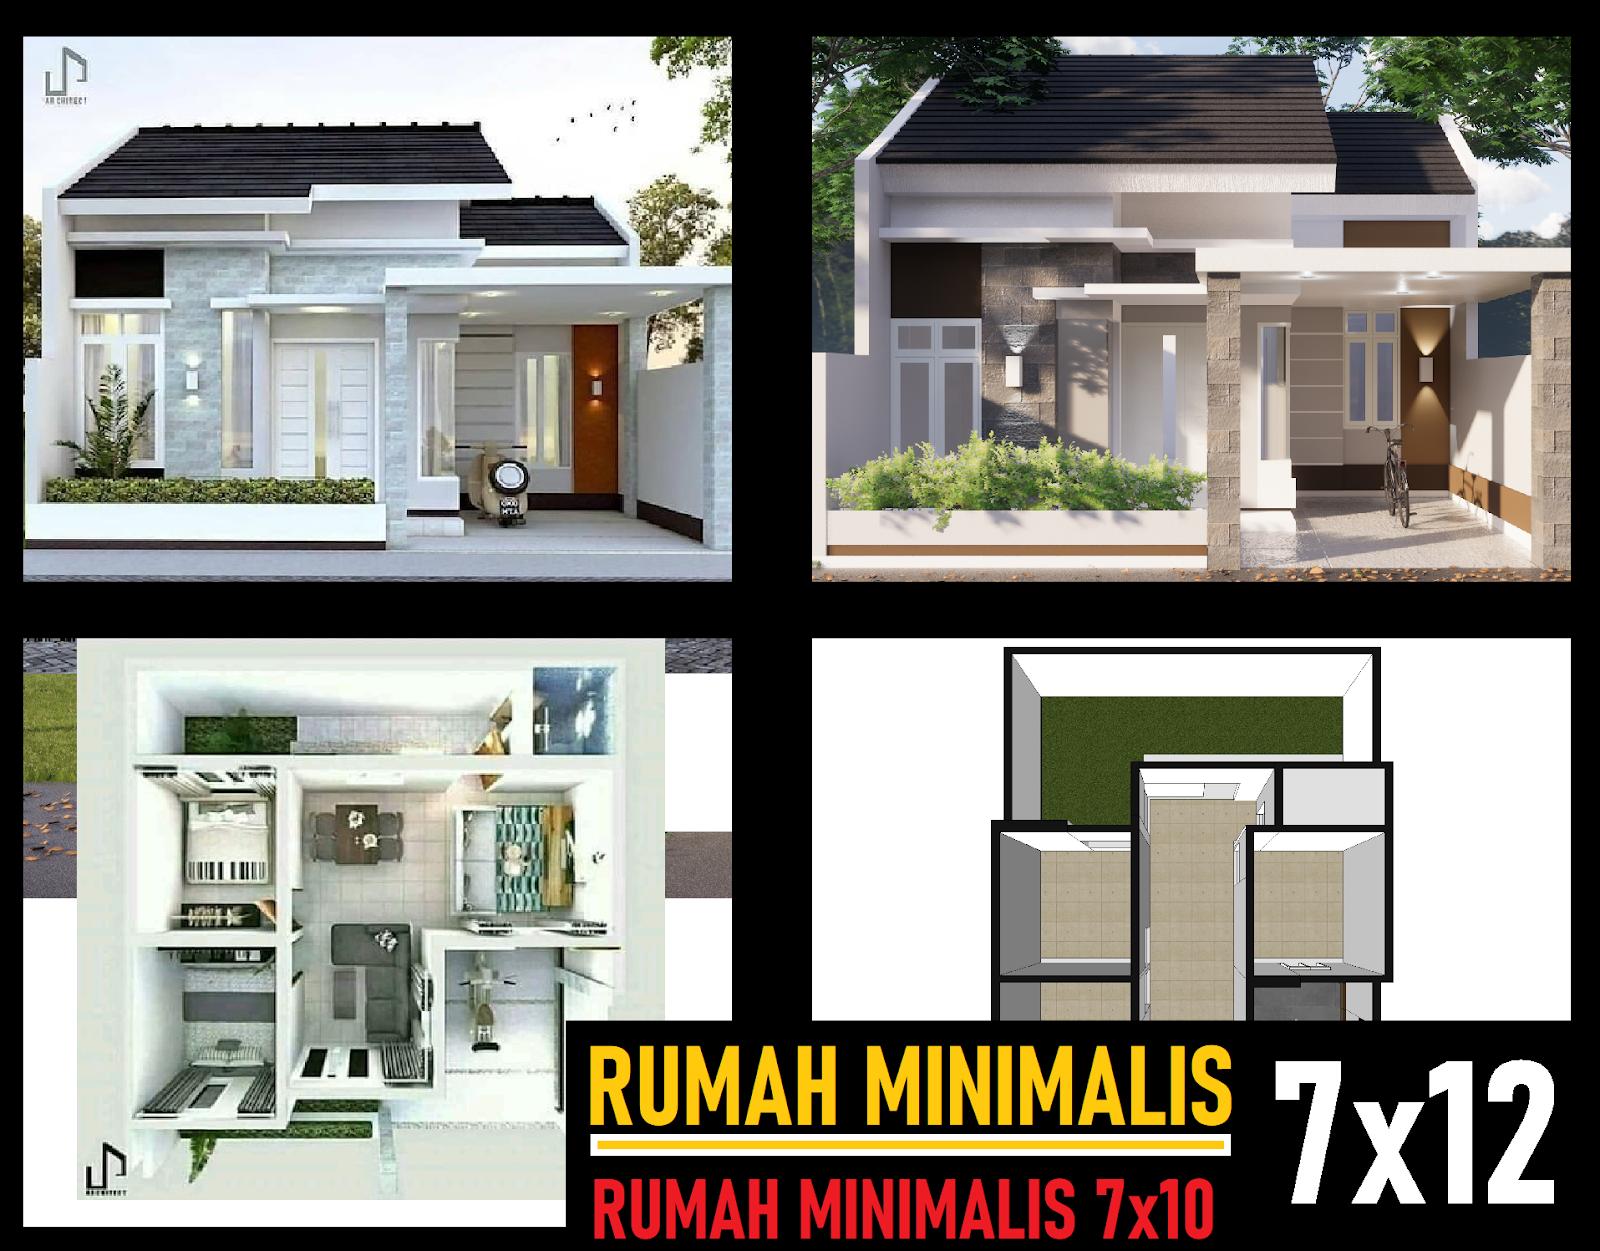 Desain Rumah Minimalis 3 Kamar Vs 2 Kamar Dilahan Sempit Desain Rumah Minimalis